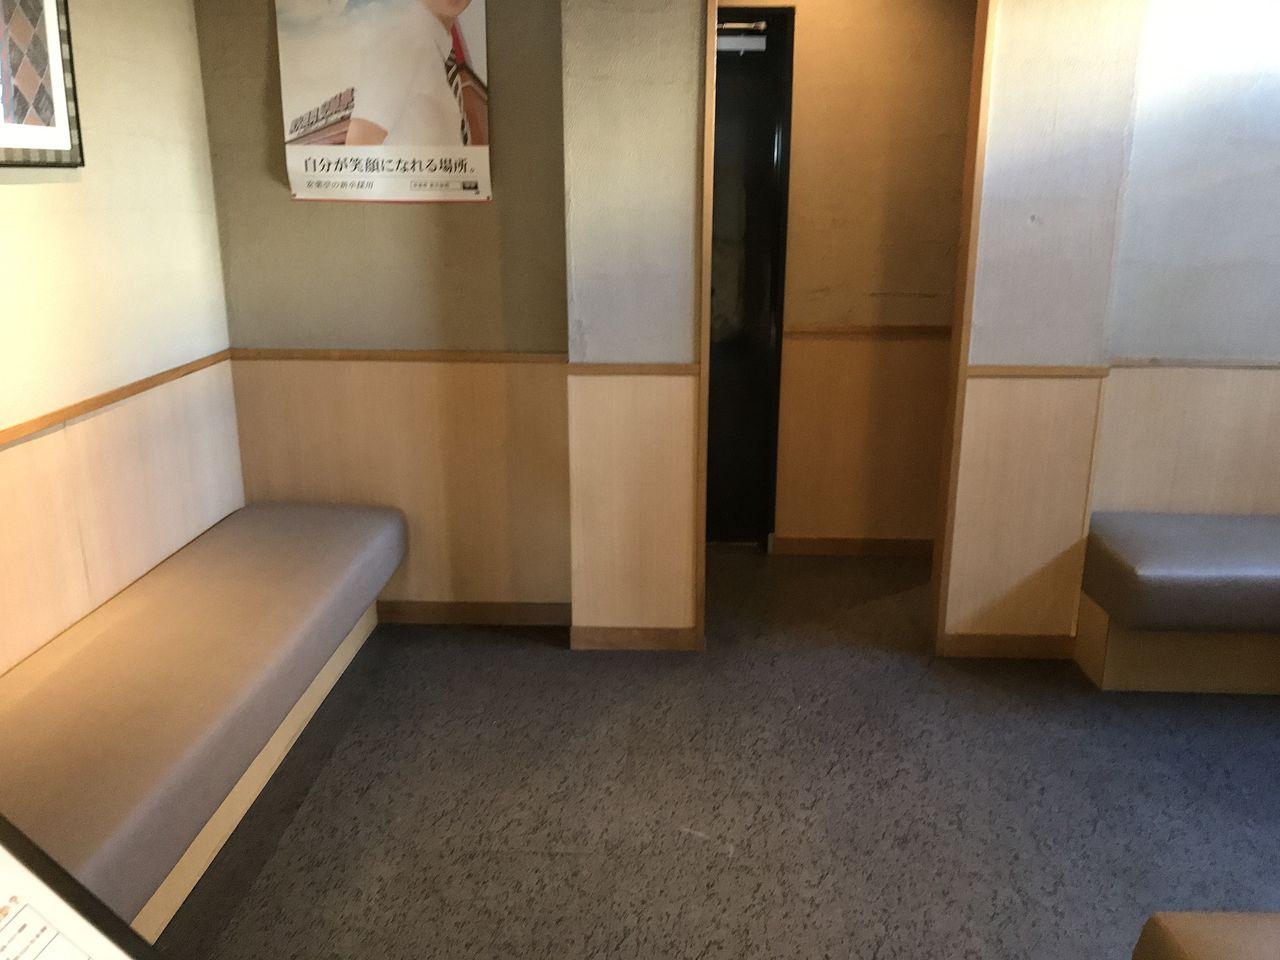 行徳の七輪房の待合室